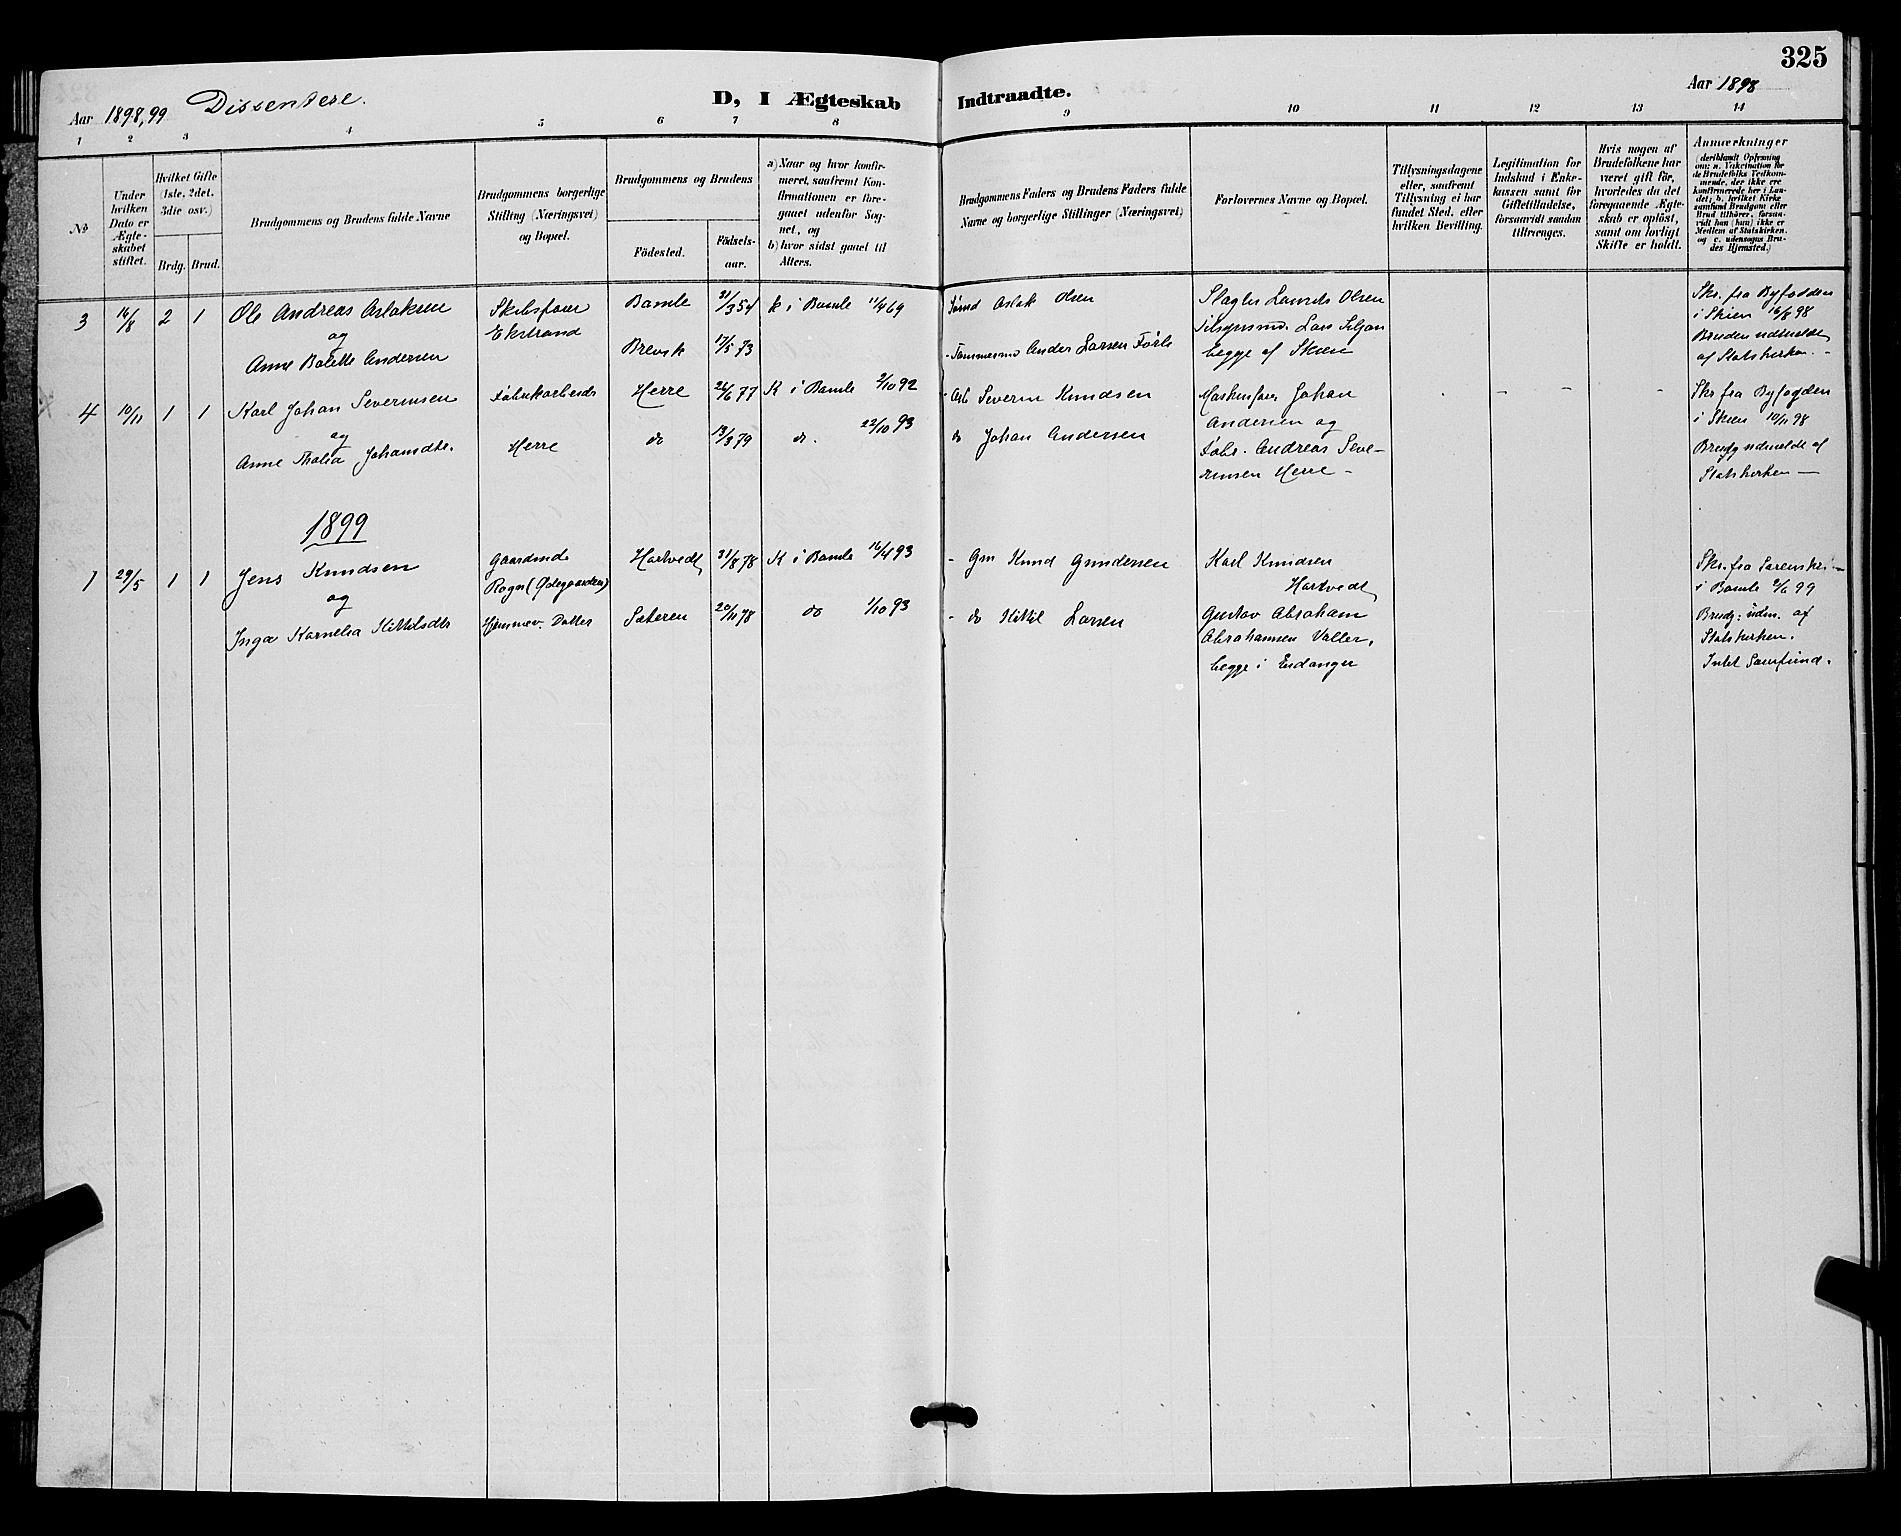 SAKO, Bamble kirkebøker, G/Ga/L0009: Klokkerbok nr. I 9, 1888-1900, s. 325